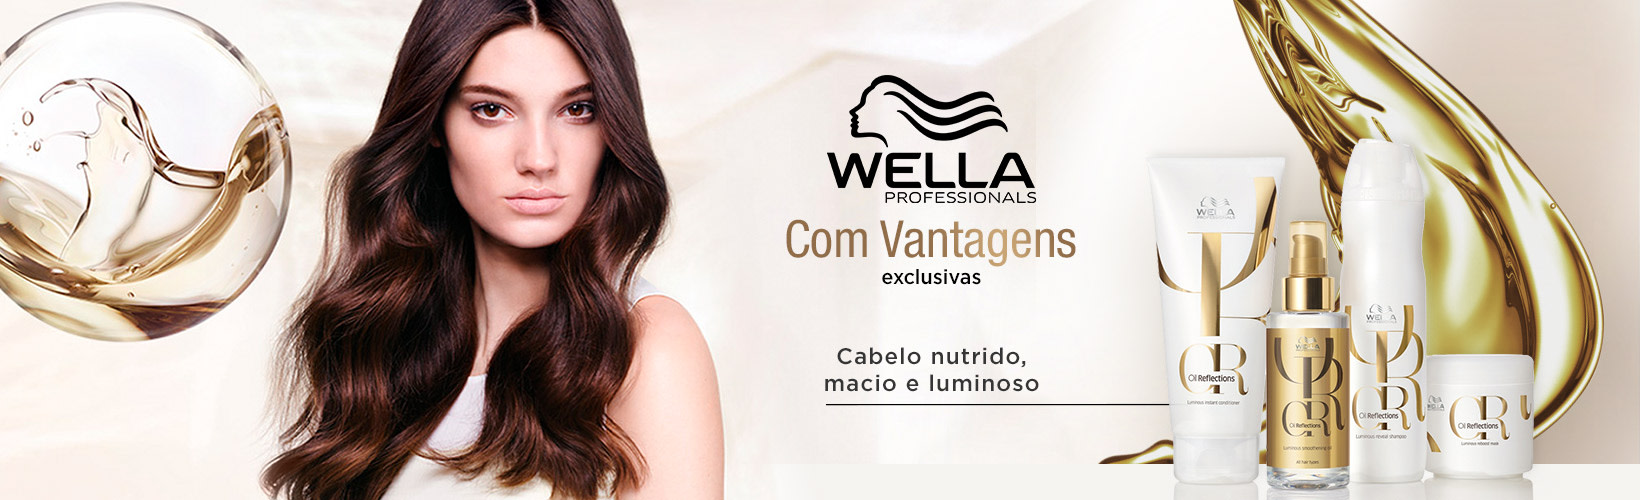 Produtos Wella Professionals em Promoção